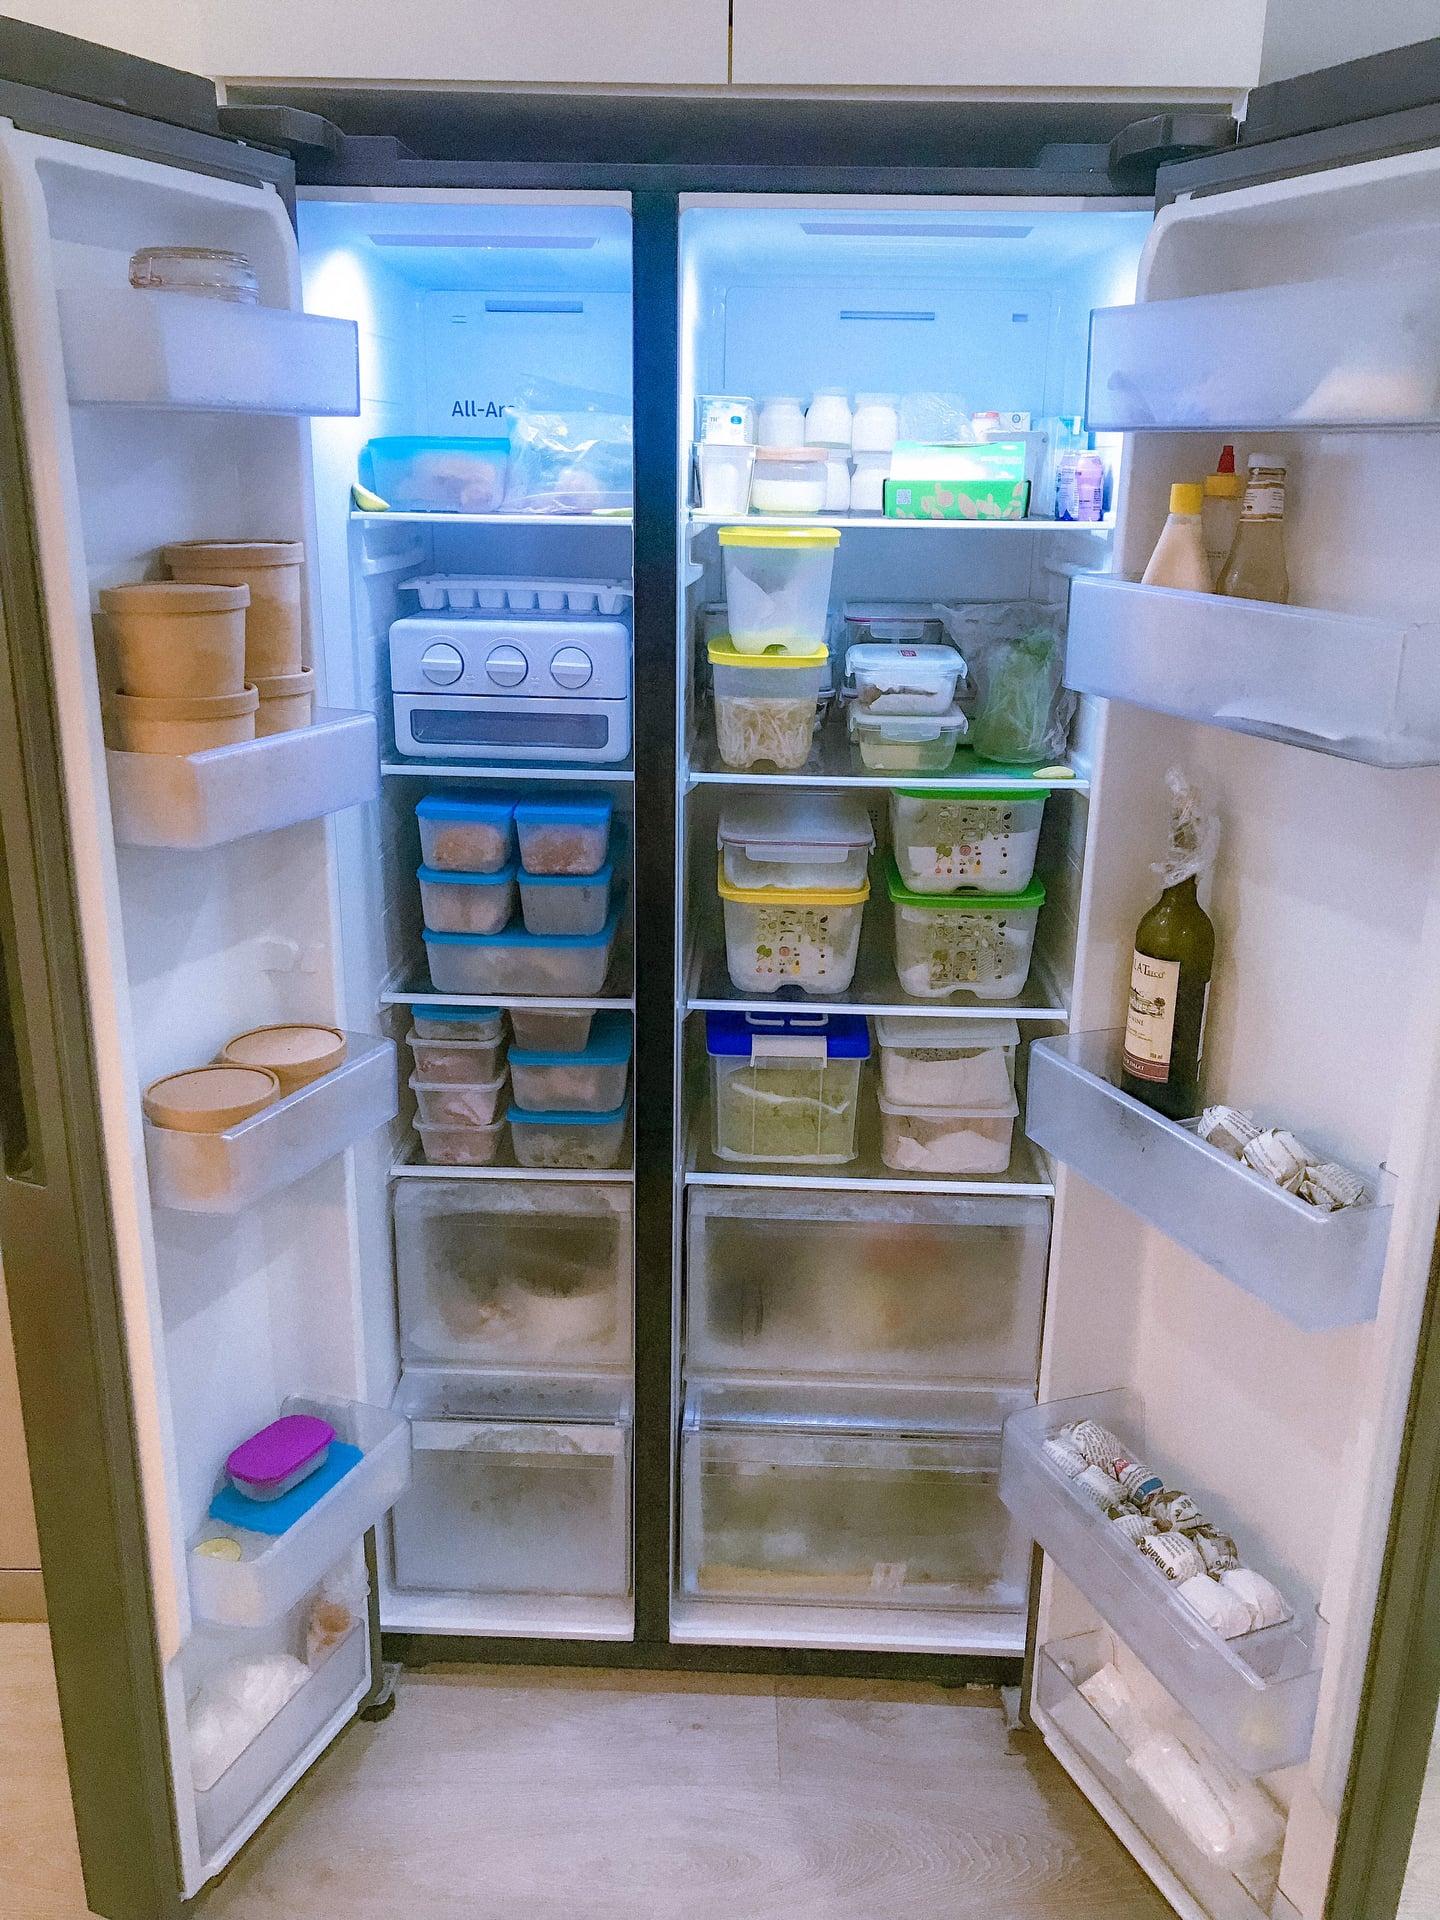 Tủ lạnh chứa đầy đồ ăn dự trữ của gia đình Nguyễn Thao.